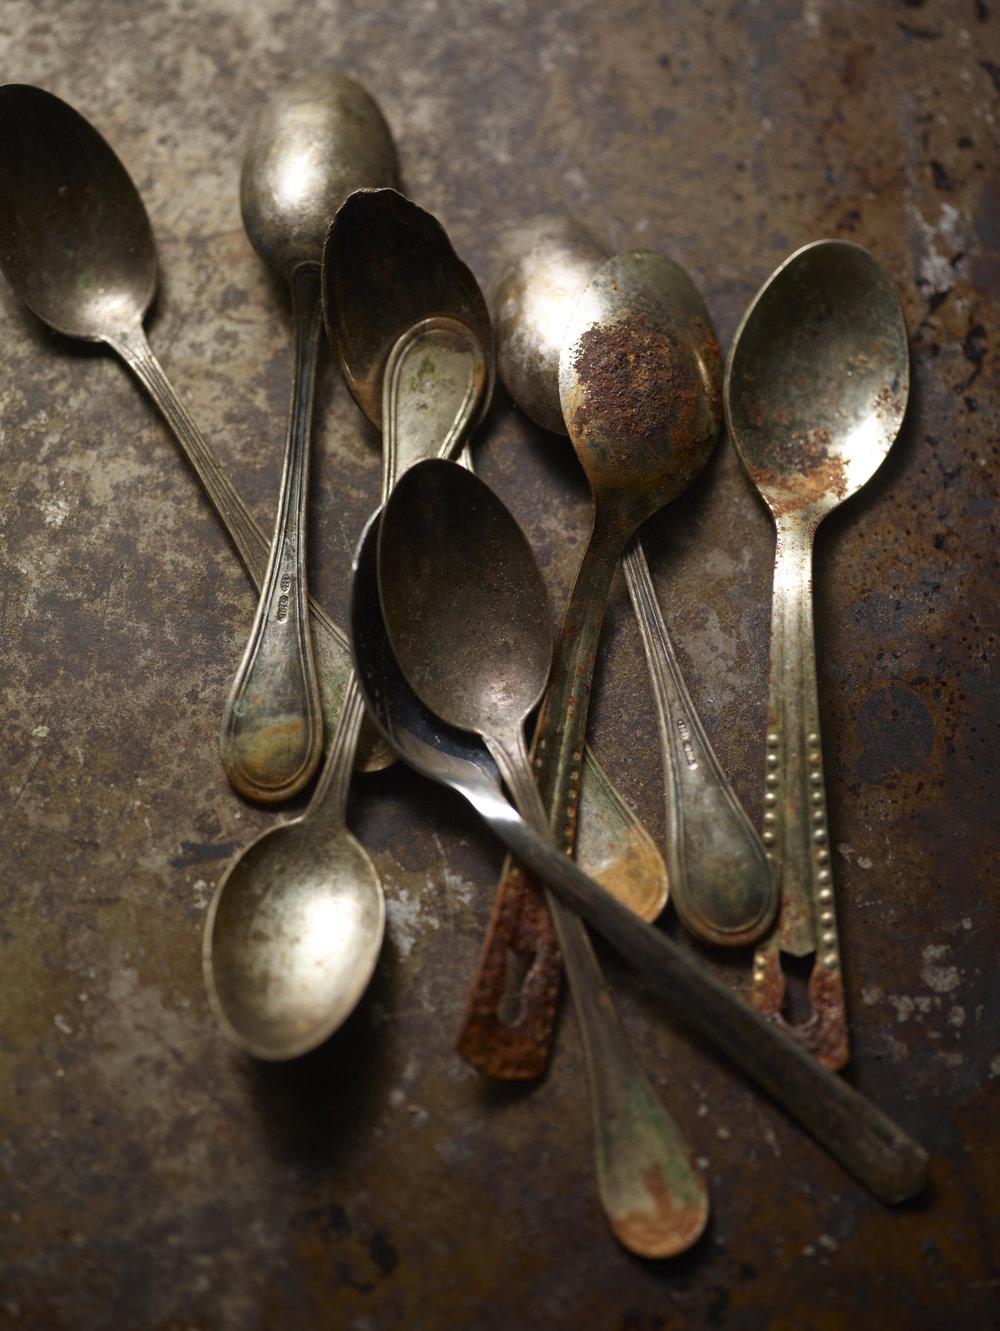 7_spoons.jpg